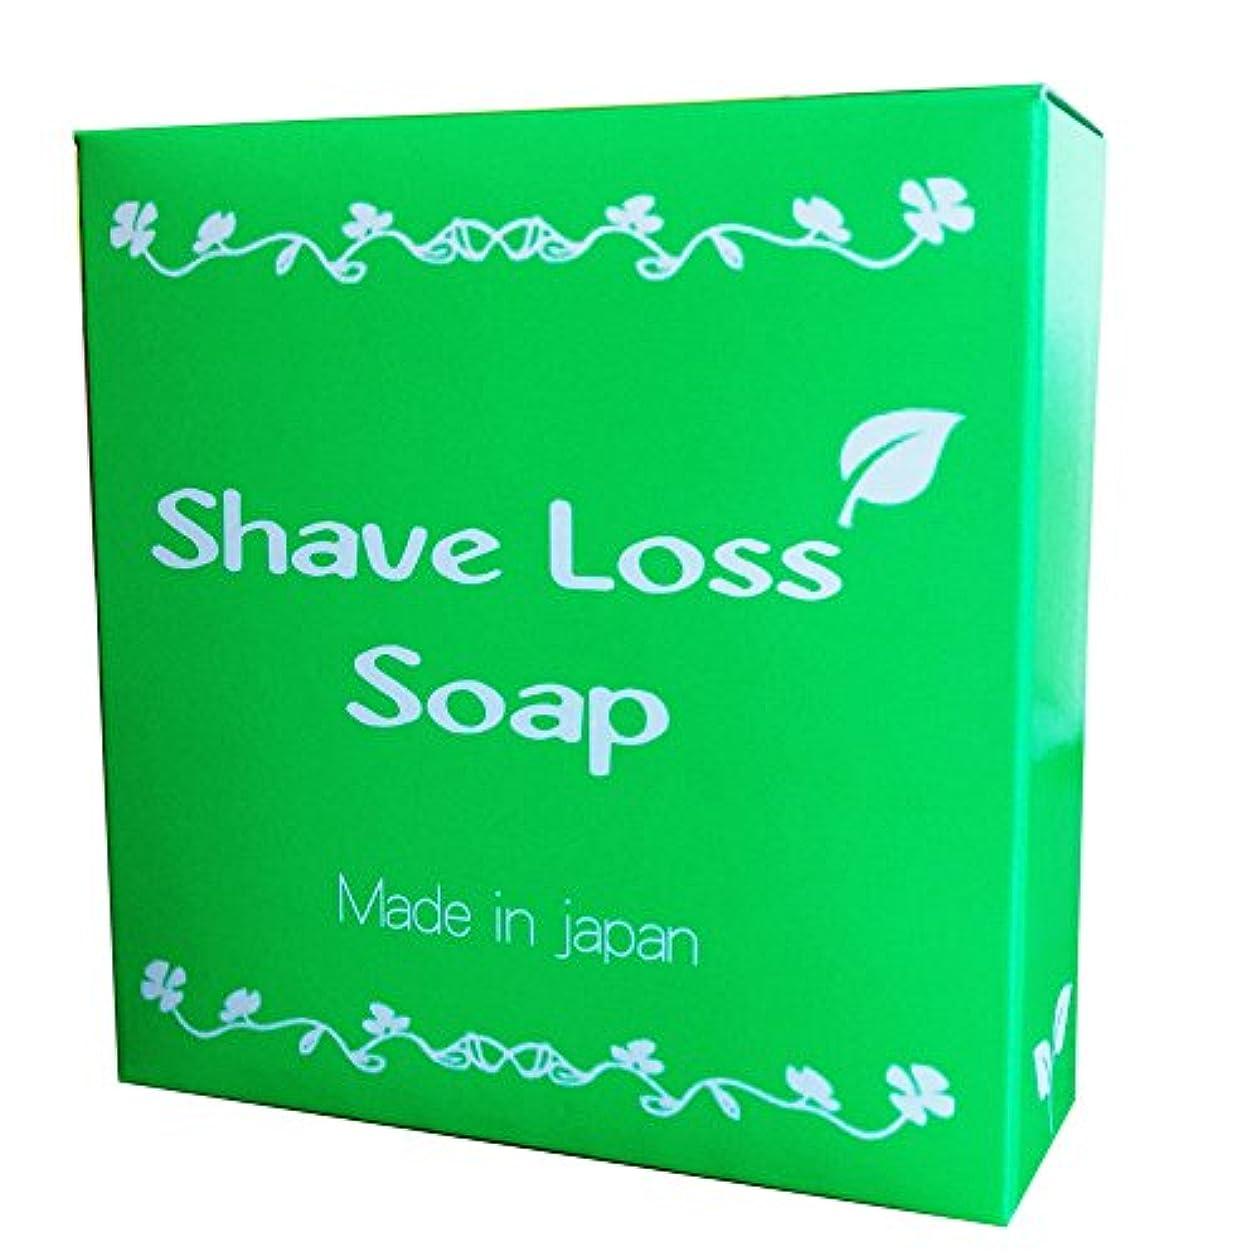 咳すりお祝いShave Loss Soap 女性のツルツルを叶える 奇跡の石鹸 80g (1個)